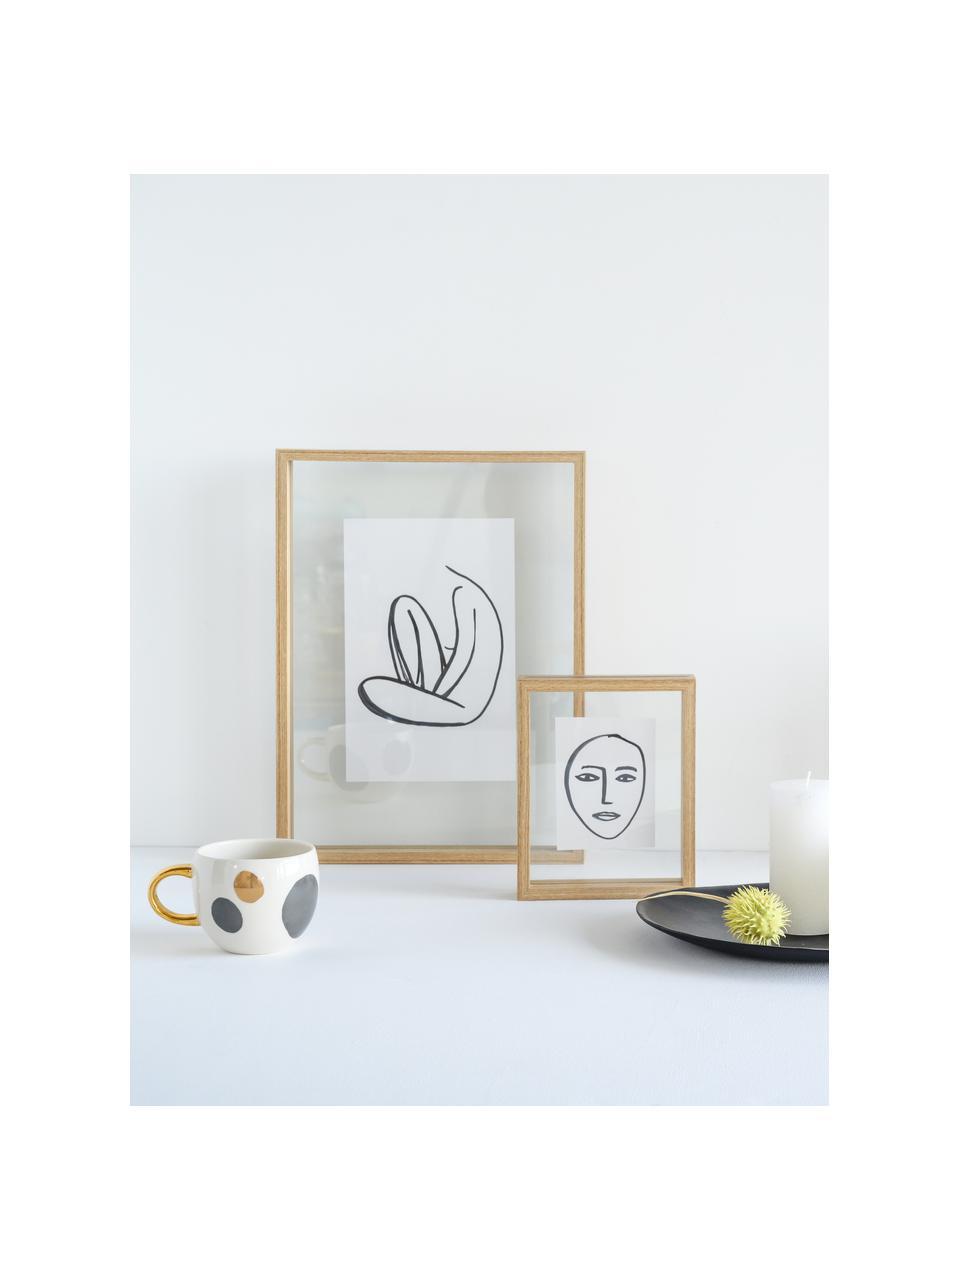 Gerahmter Digitaldruck Aesthetic, Rahmen: Mitteldichte Holzfaserpla, Bild: Papier, Braun, Weiß, Schwarz, 30 x 45 cm